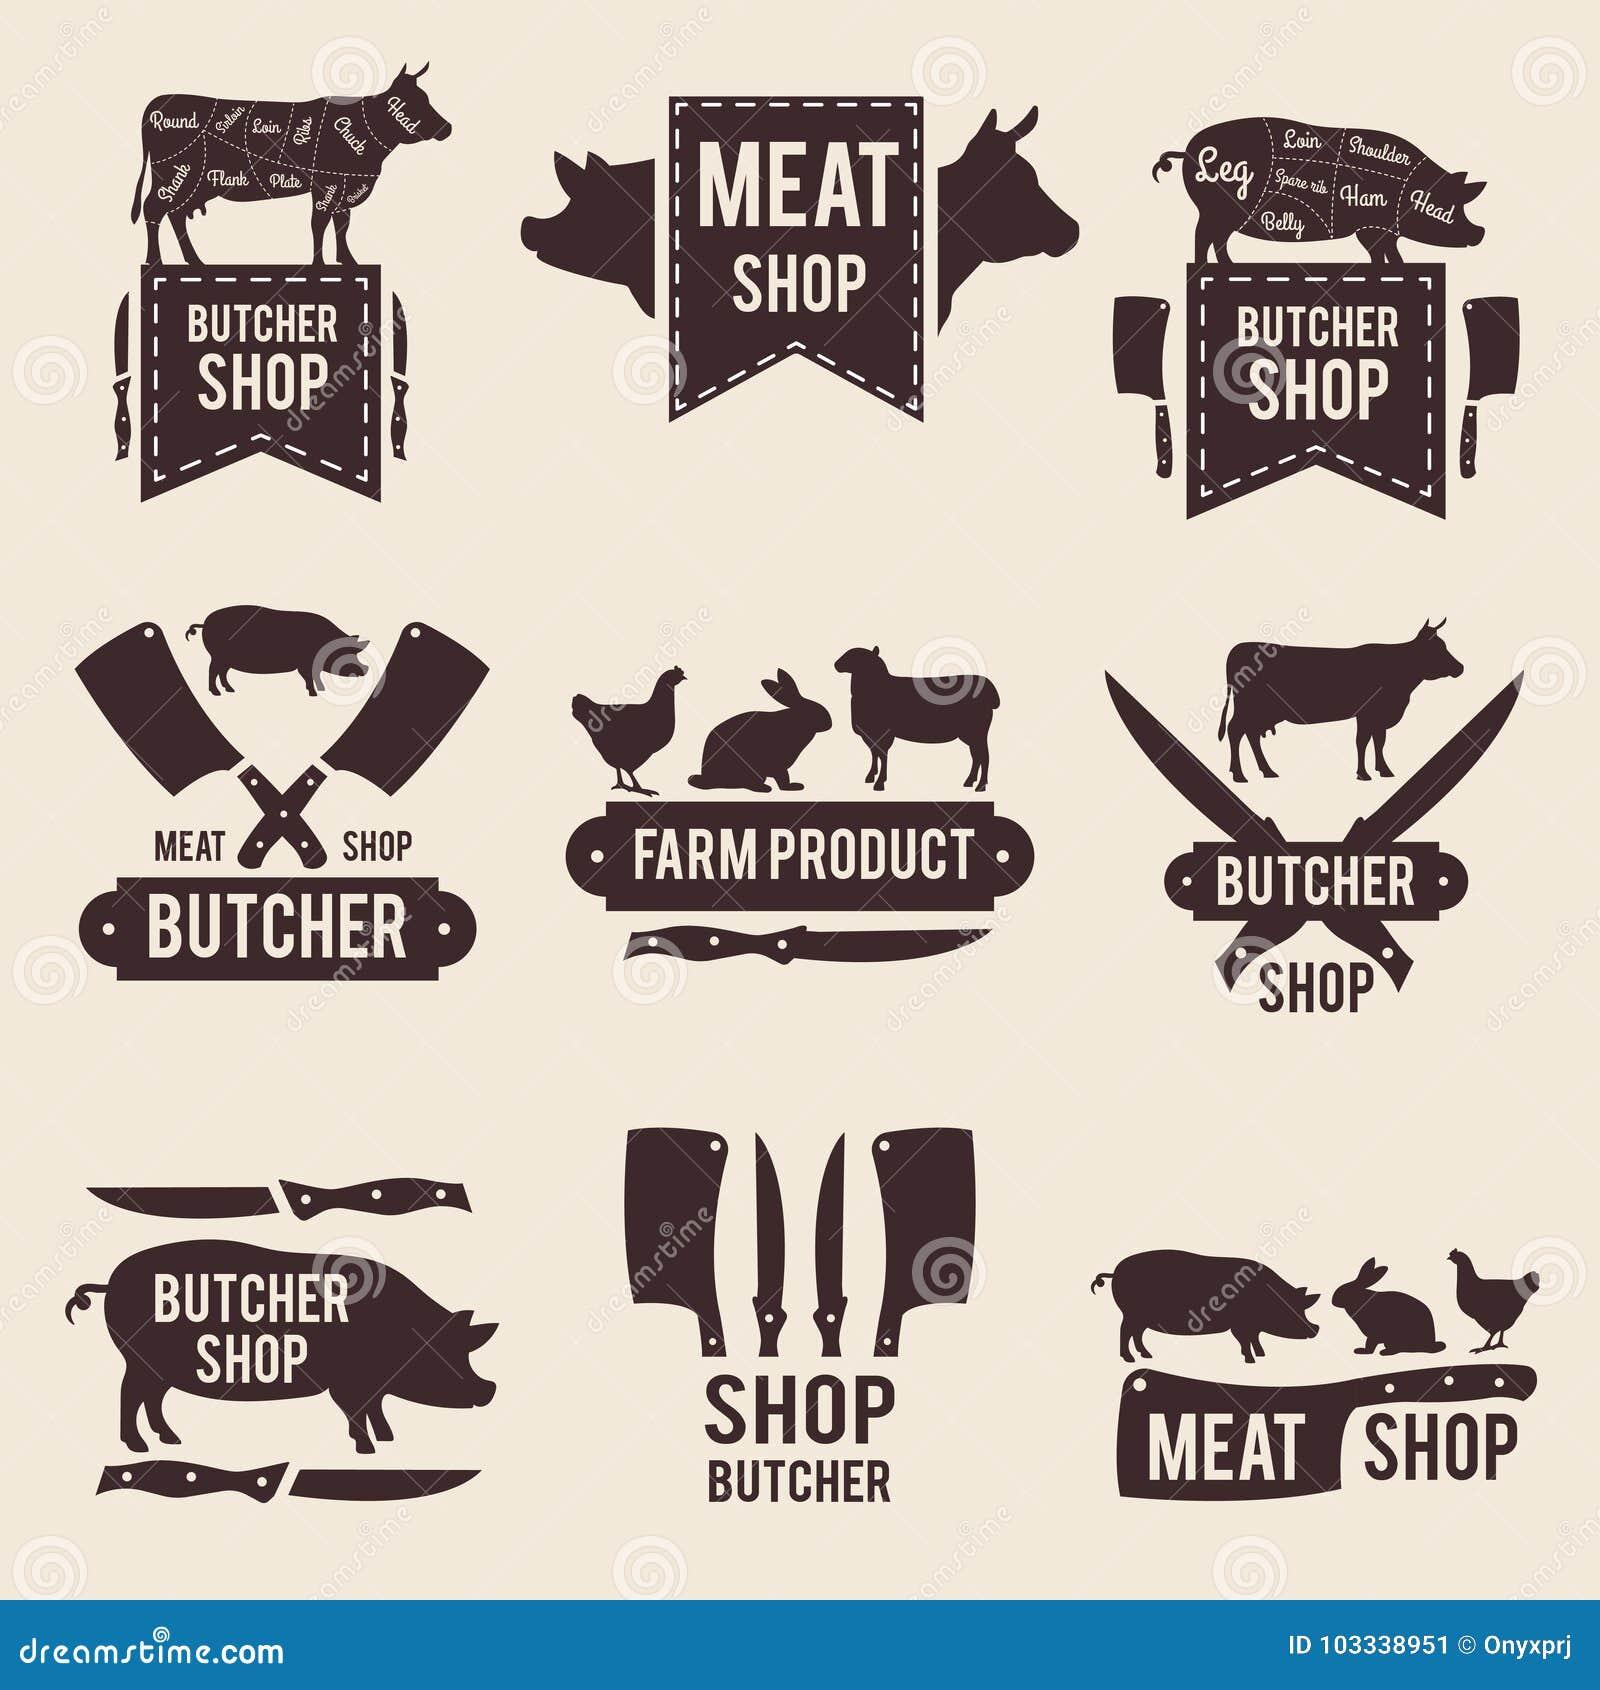 Designen av den monokromma etikettuppsättningen för slaktare shoppar med illustrationer av tamdjur och kökhjälpmedel